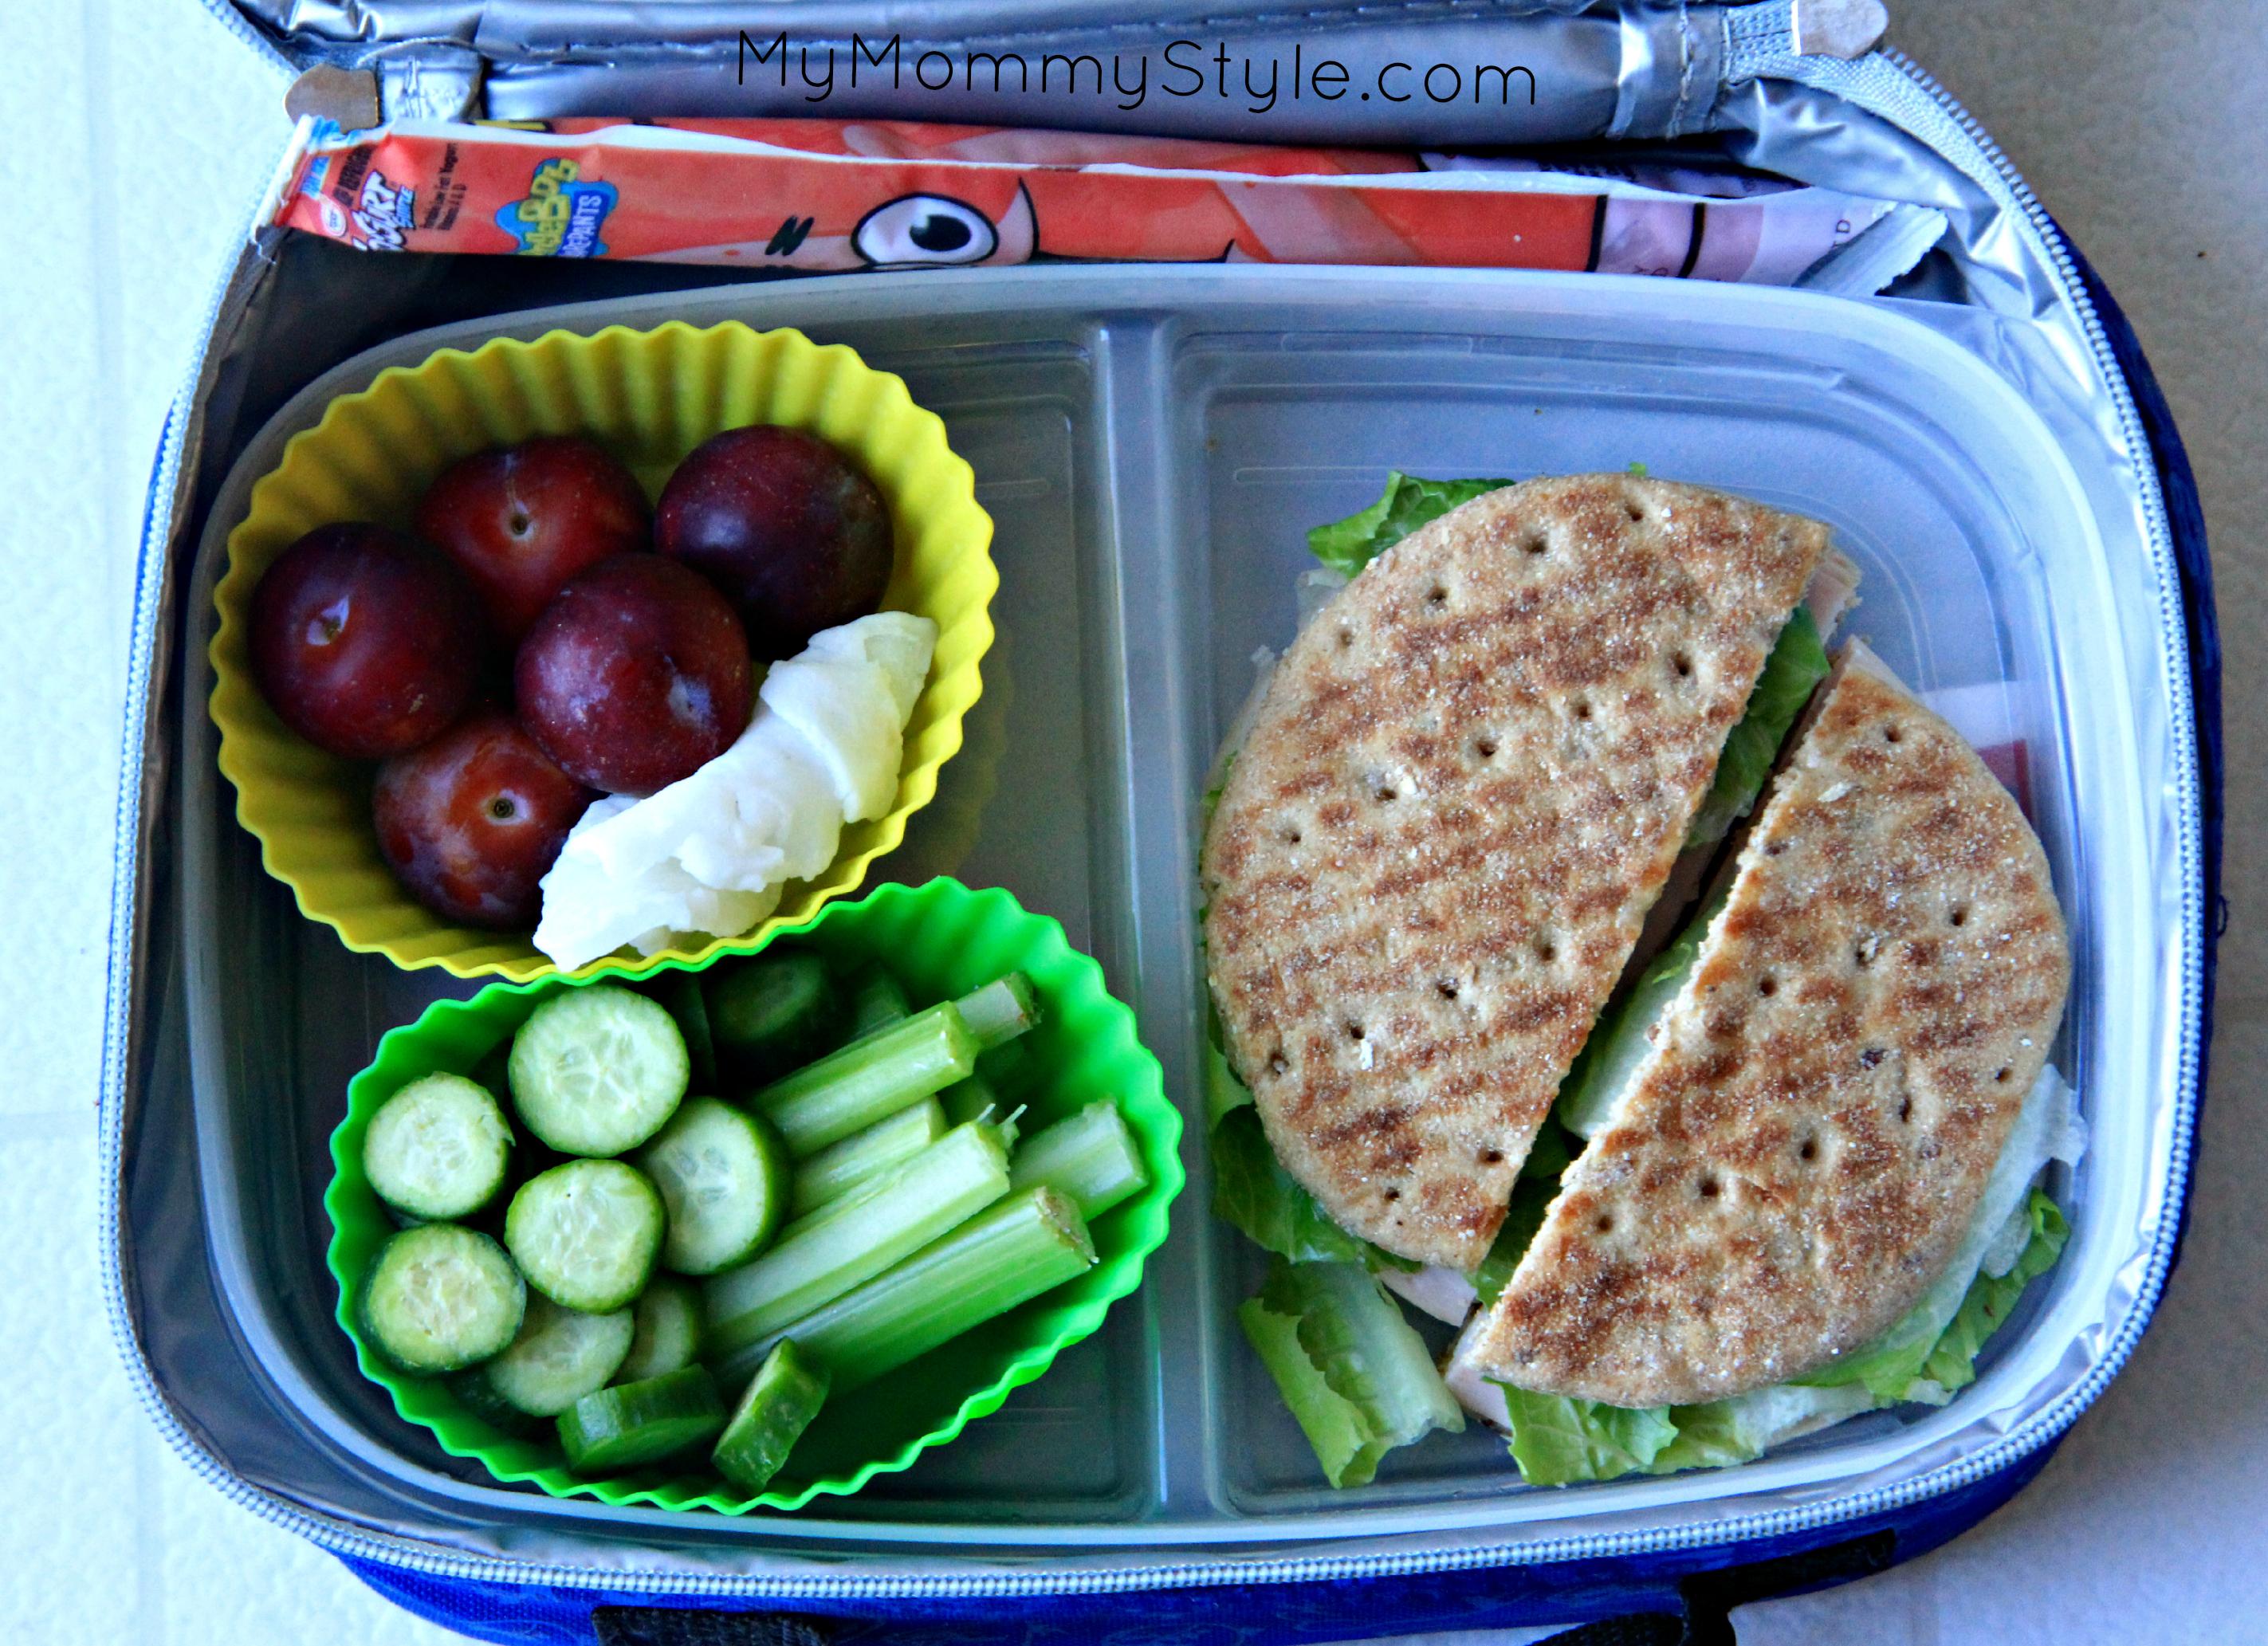 Healthy Lunch Box Lunches 717339e014e4edb5ead4fa43415c4653